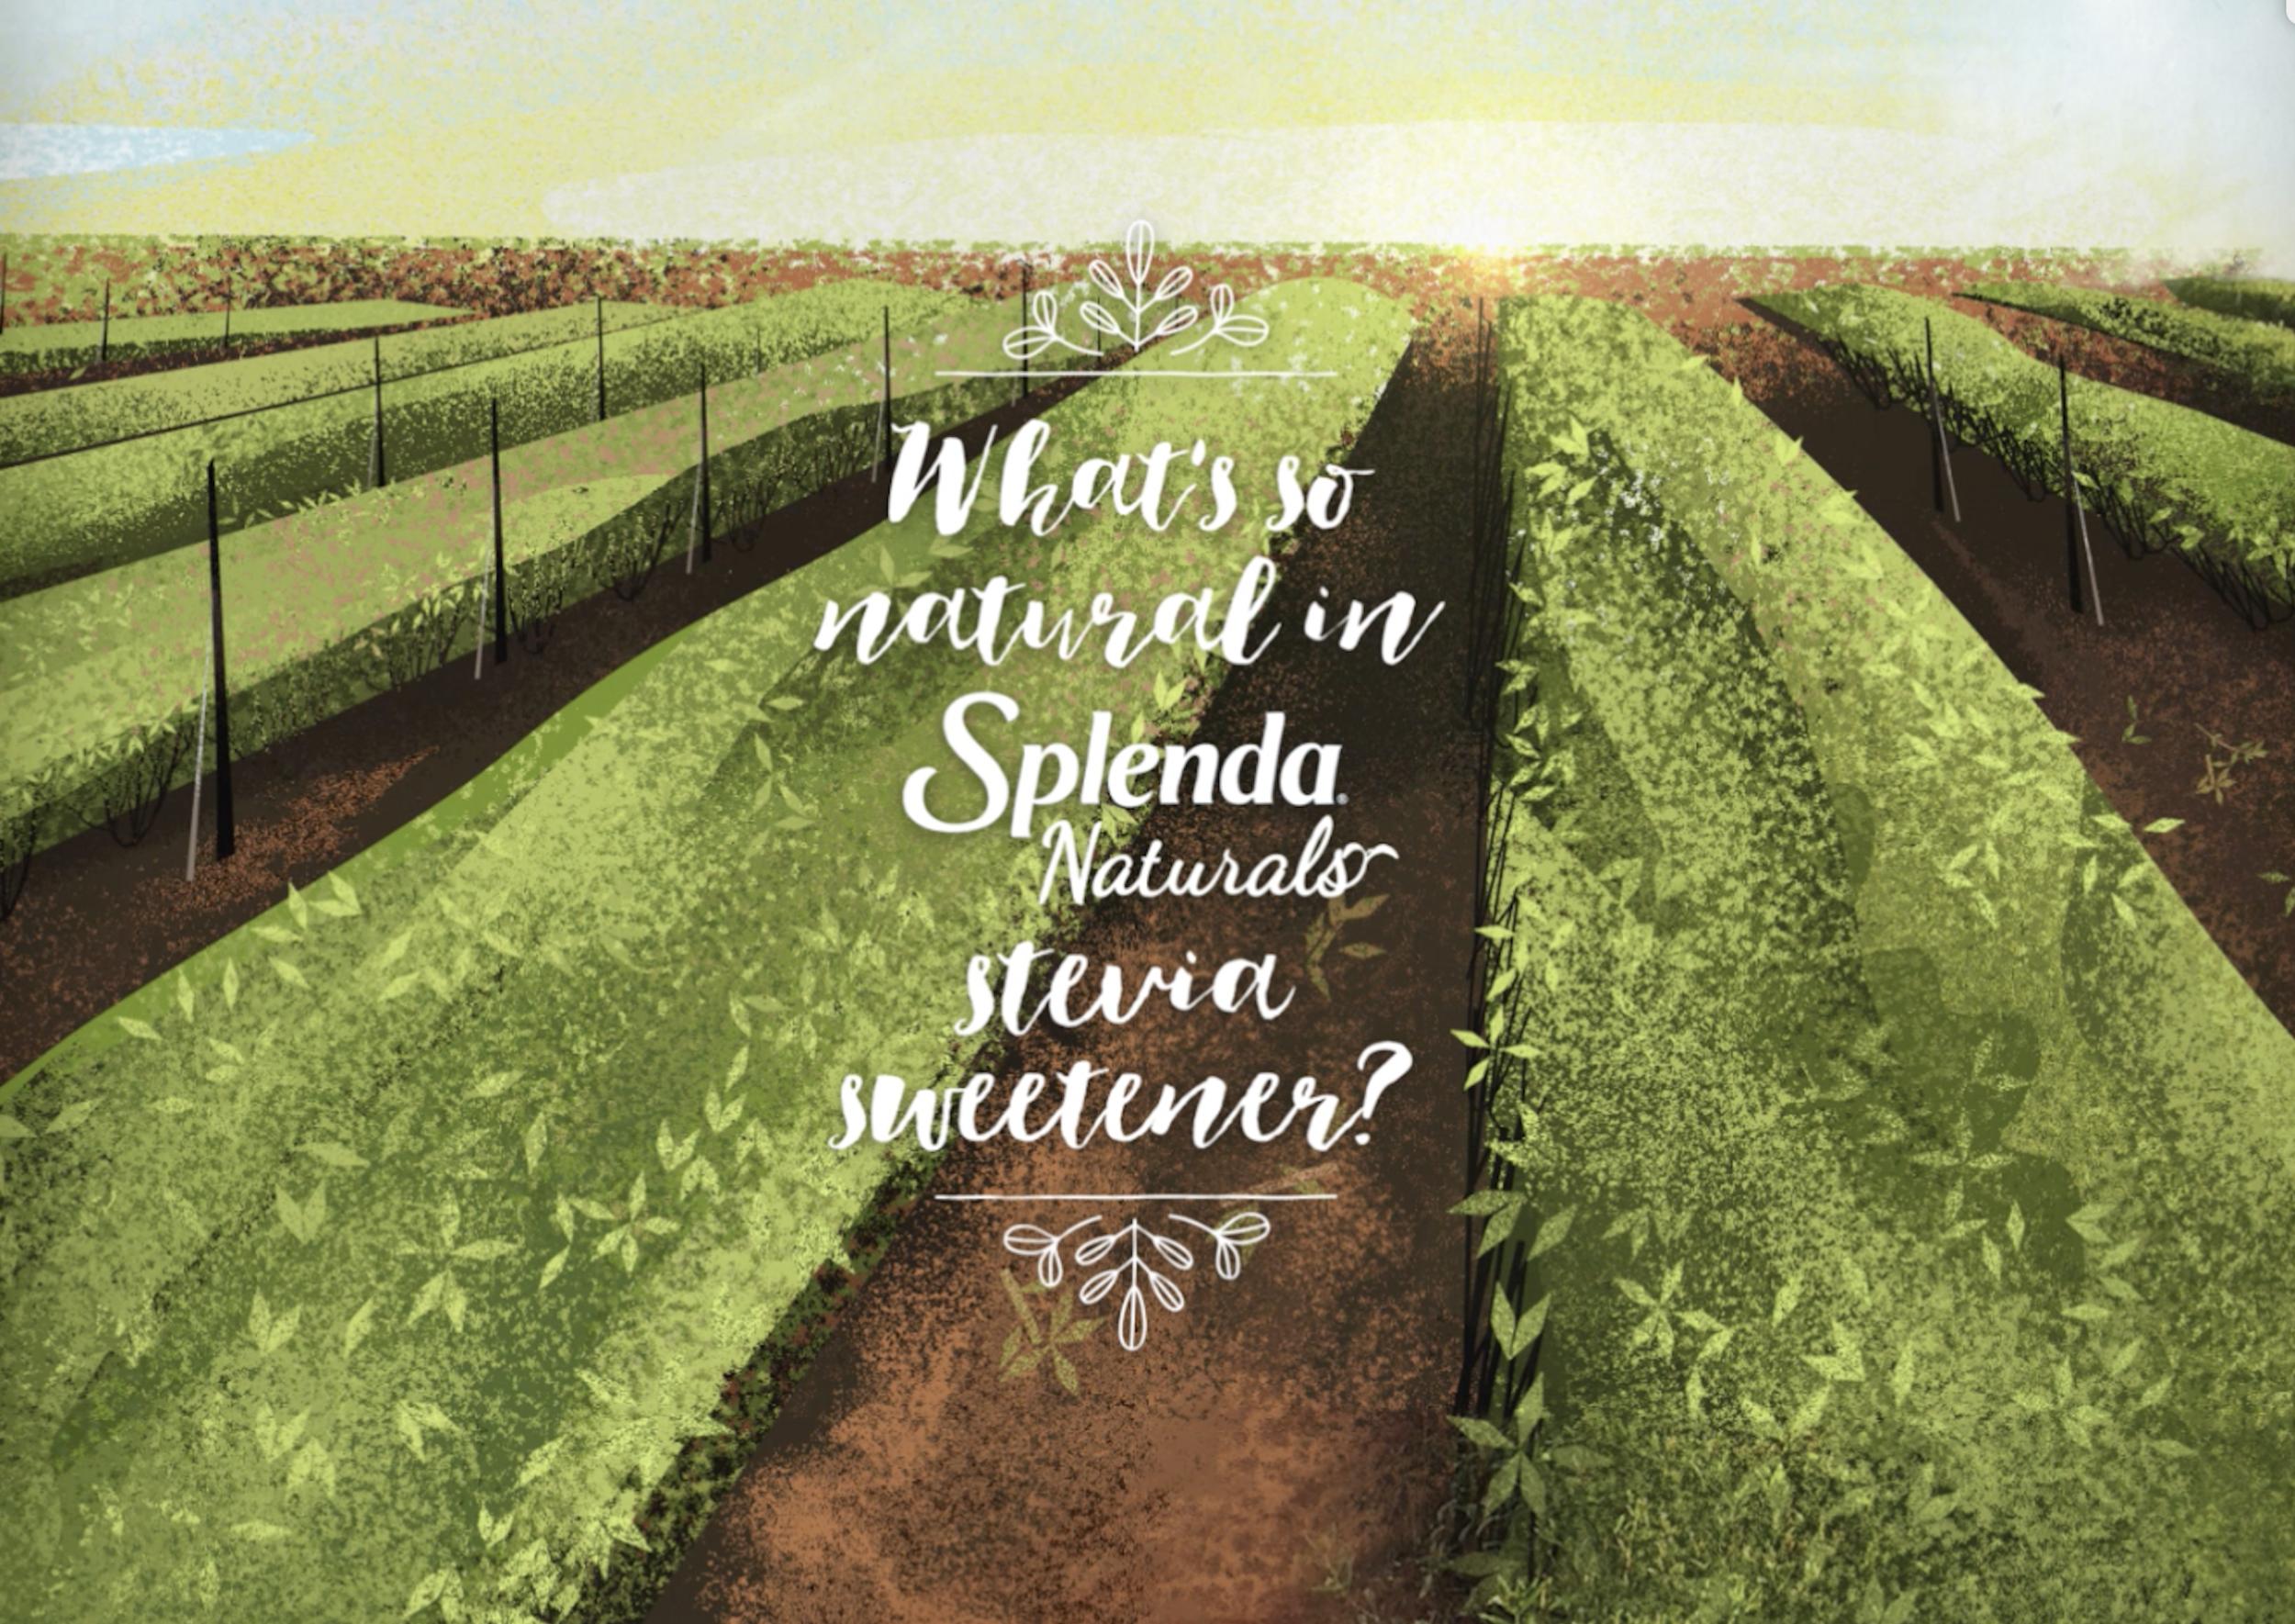 Stevia commercial design - Here are some design I did for Tendril's Splenda commercial.